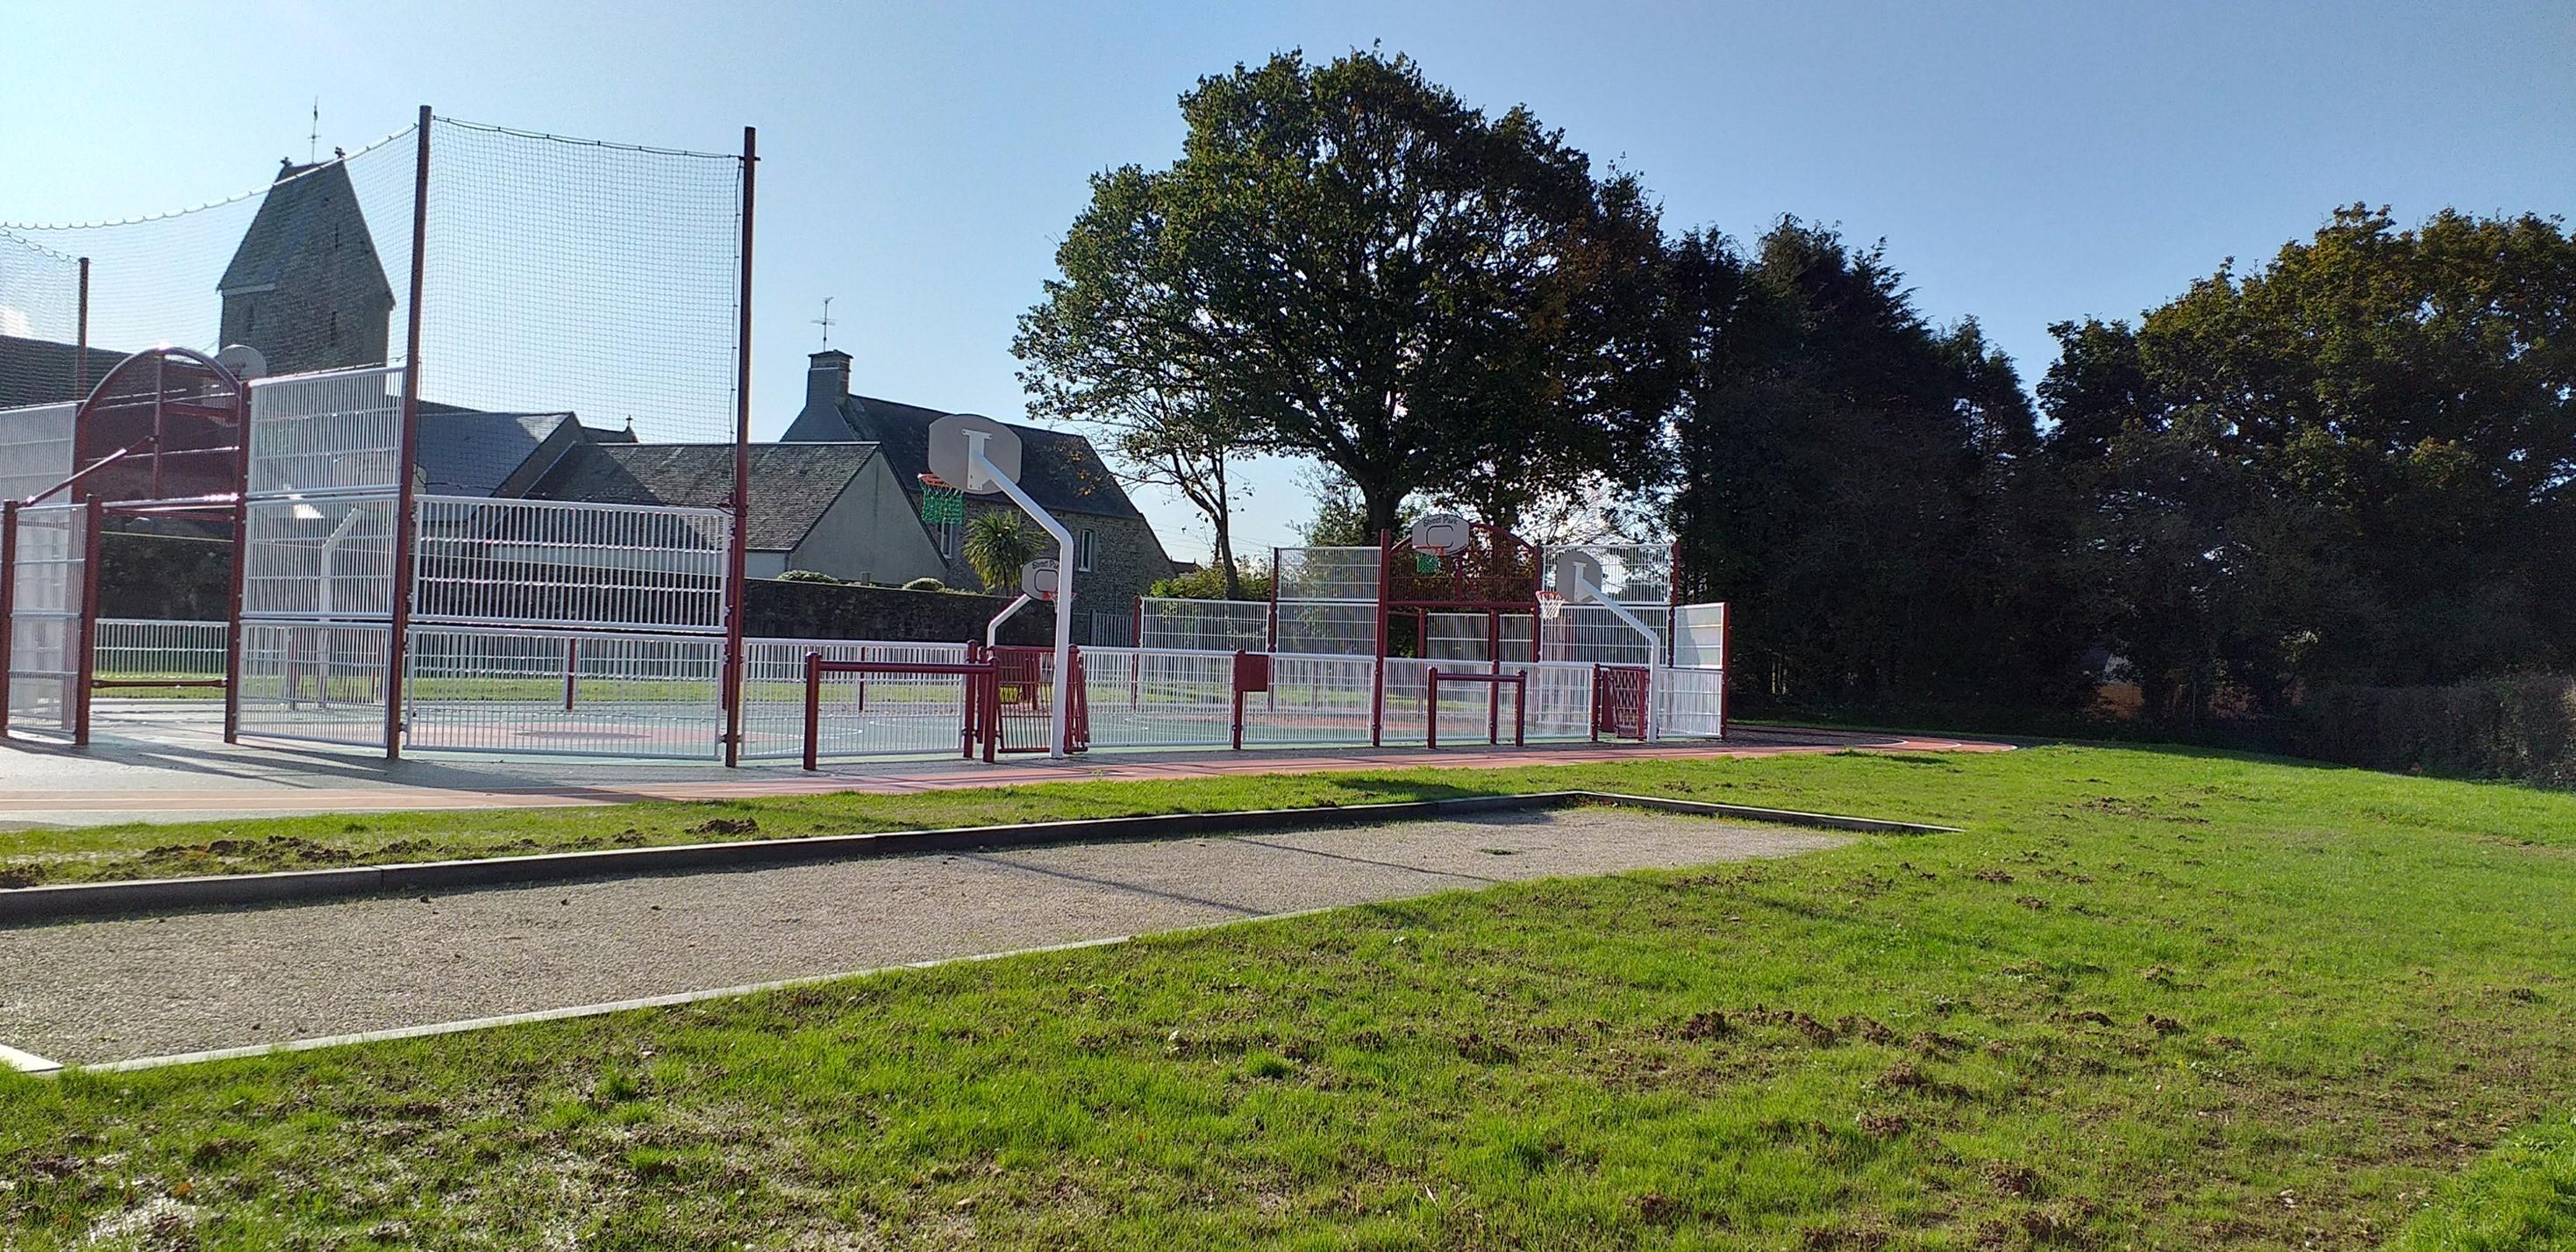 parc multis sports et terrain de petanques